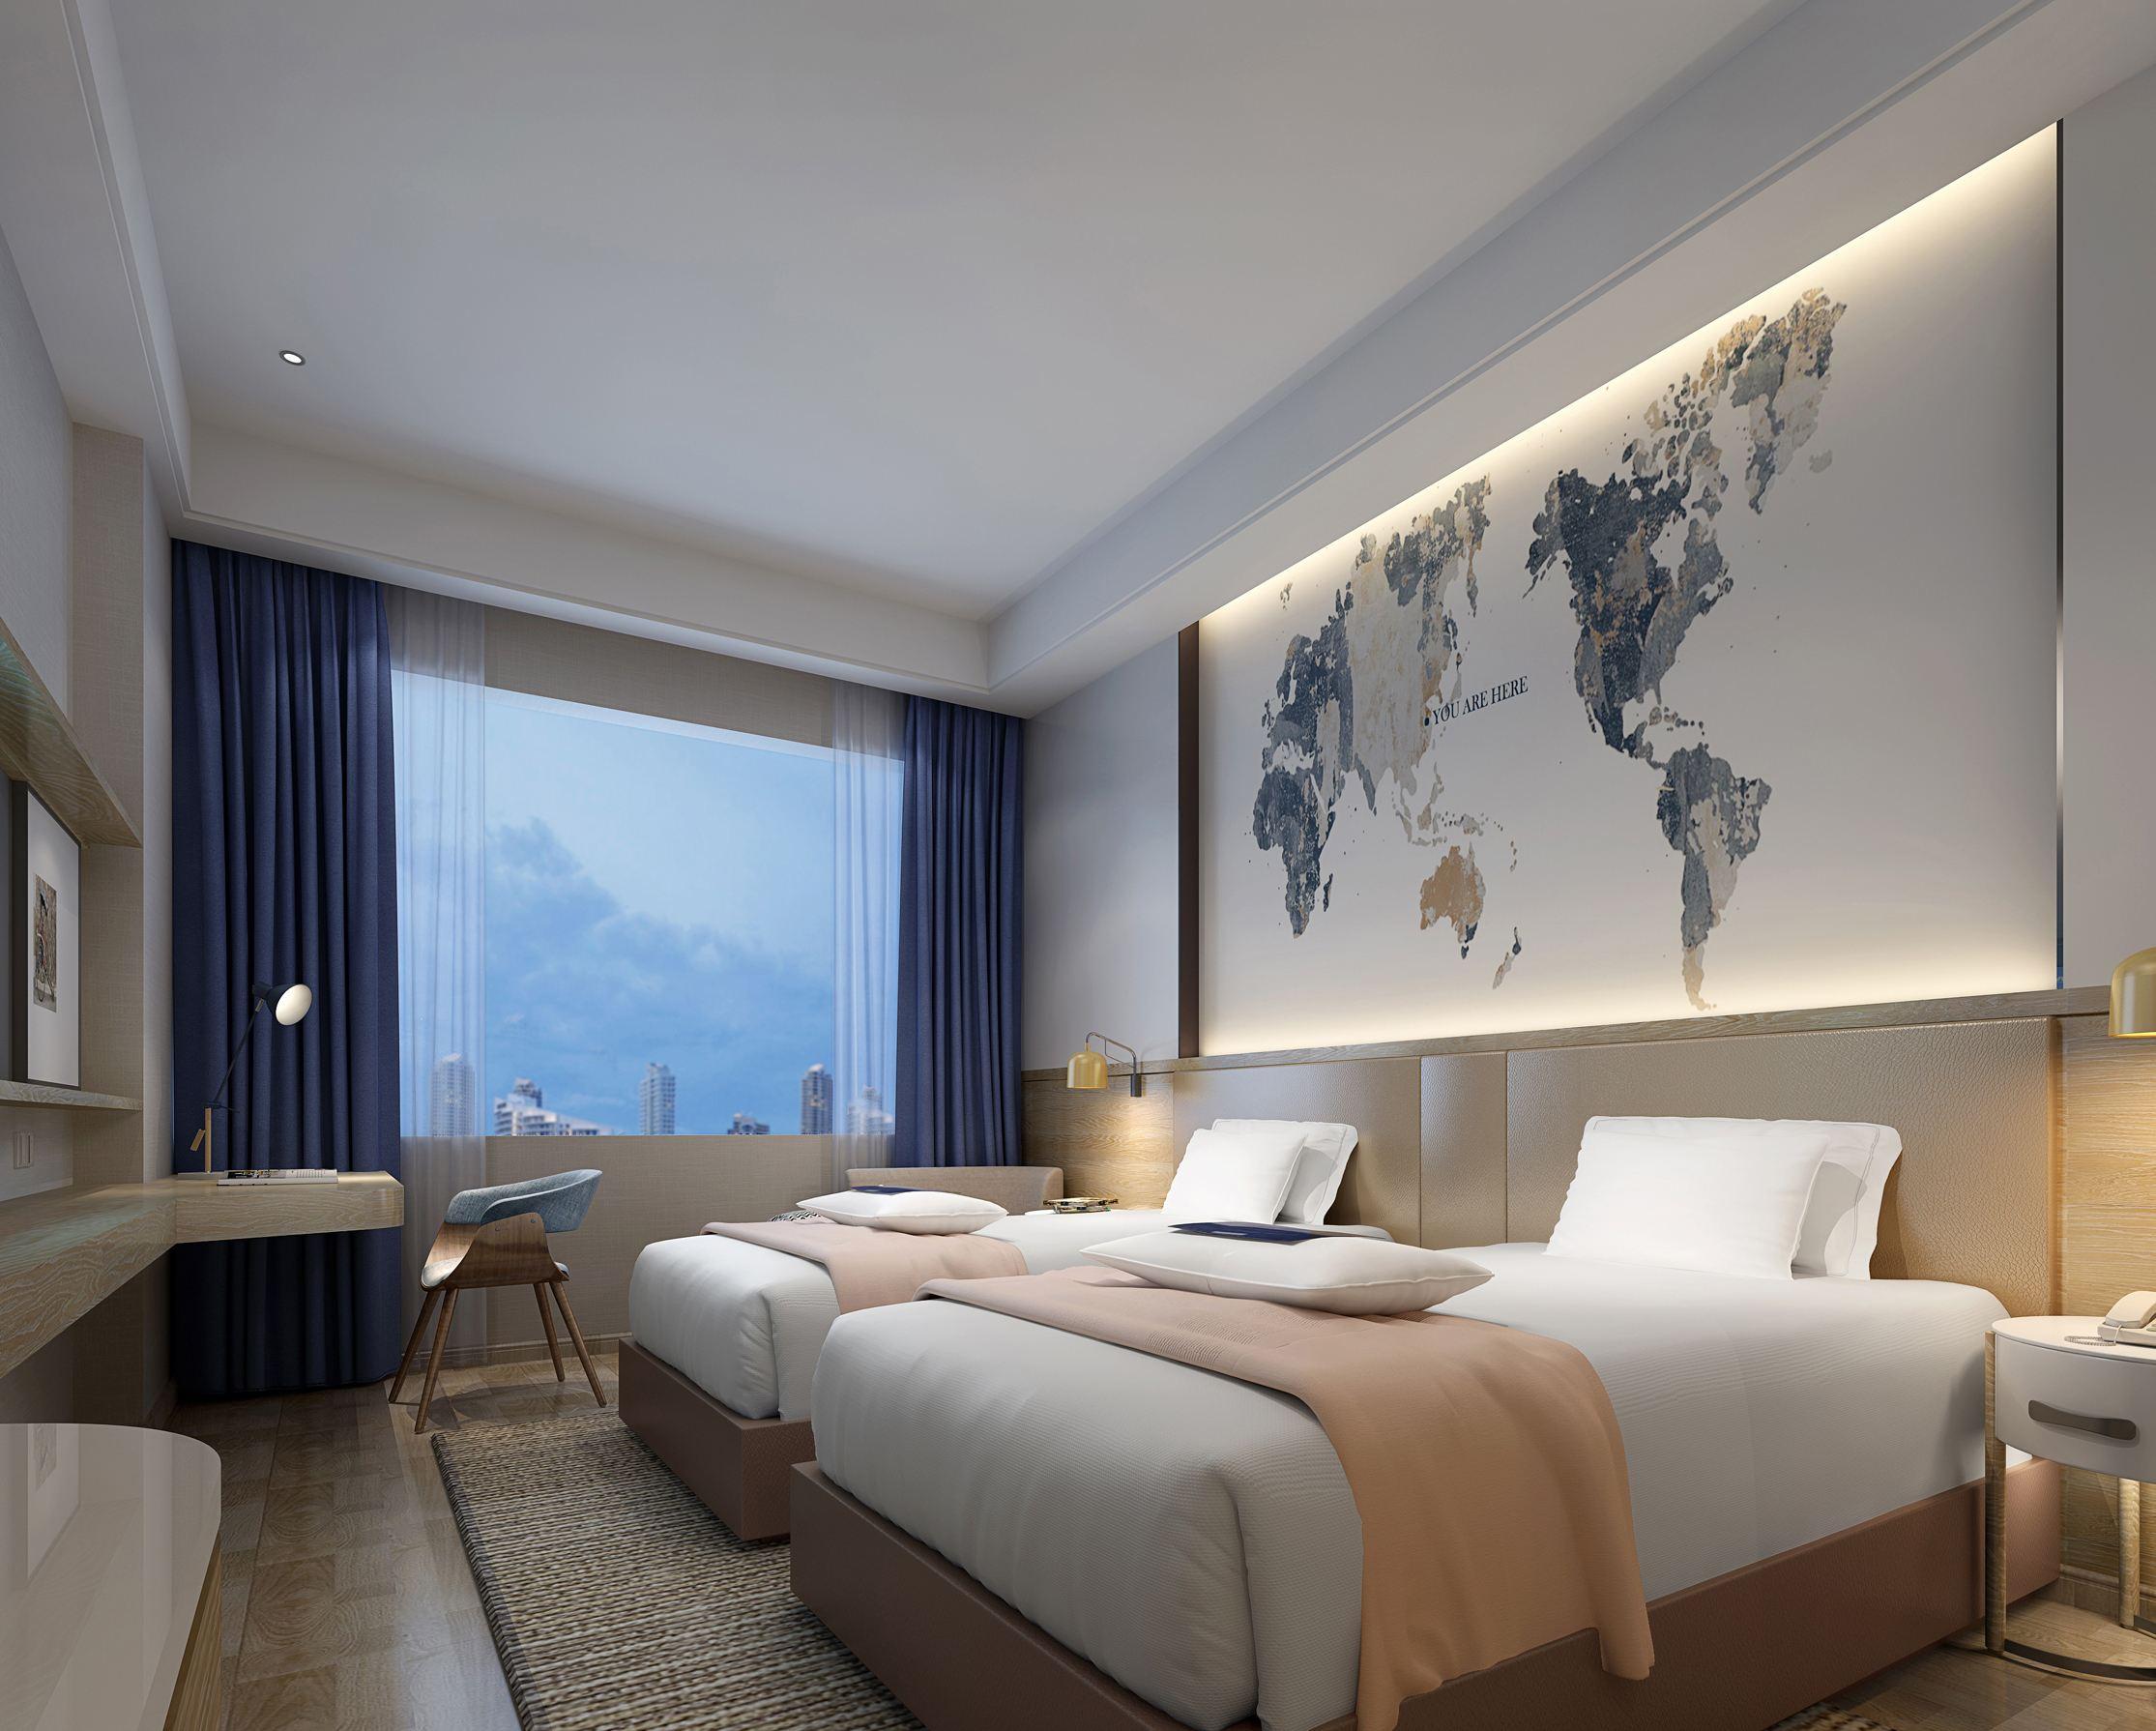 酒店客房装修壁纸效果图